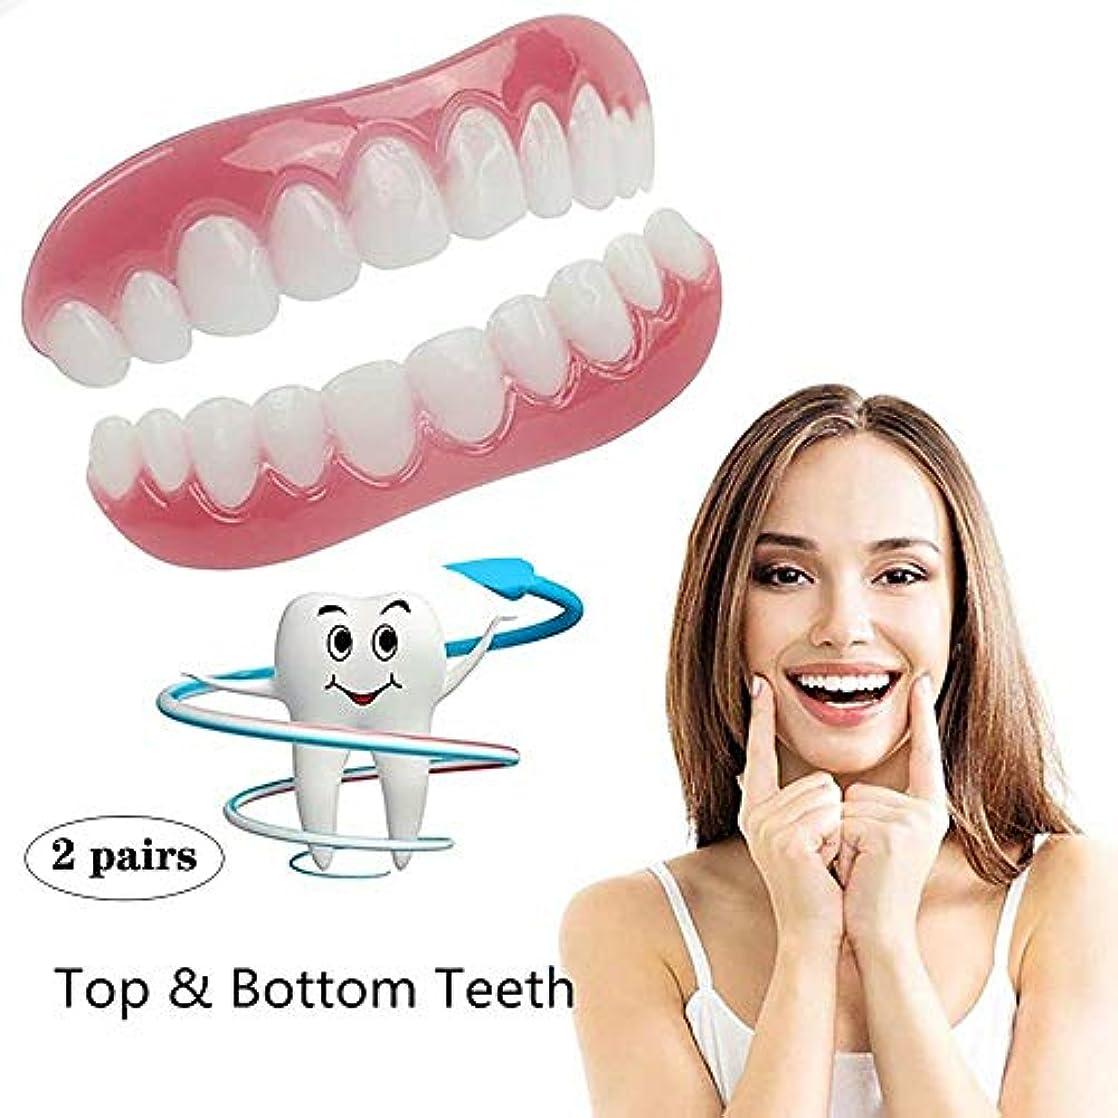 はっきりしないただ貯水池2対の歯のベニヤ化粧品の歯のスナップオンセキュアアッパーロアフレックスデンタルベニア義歯ケアファッション